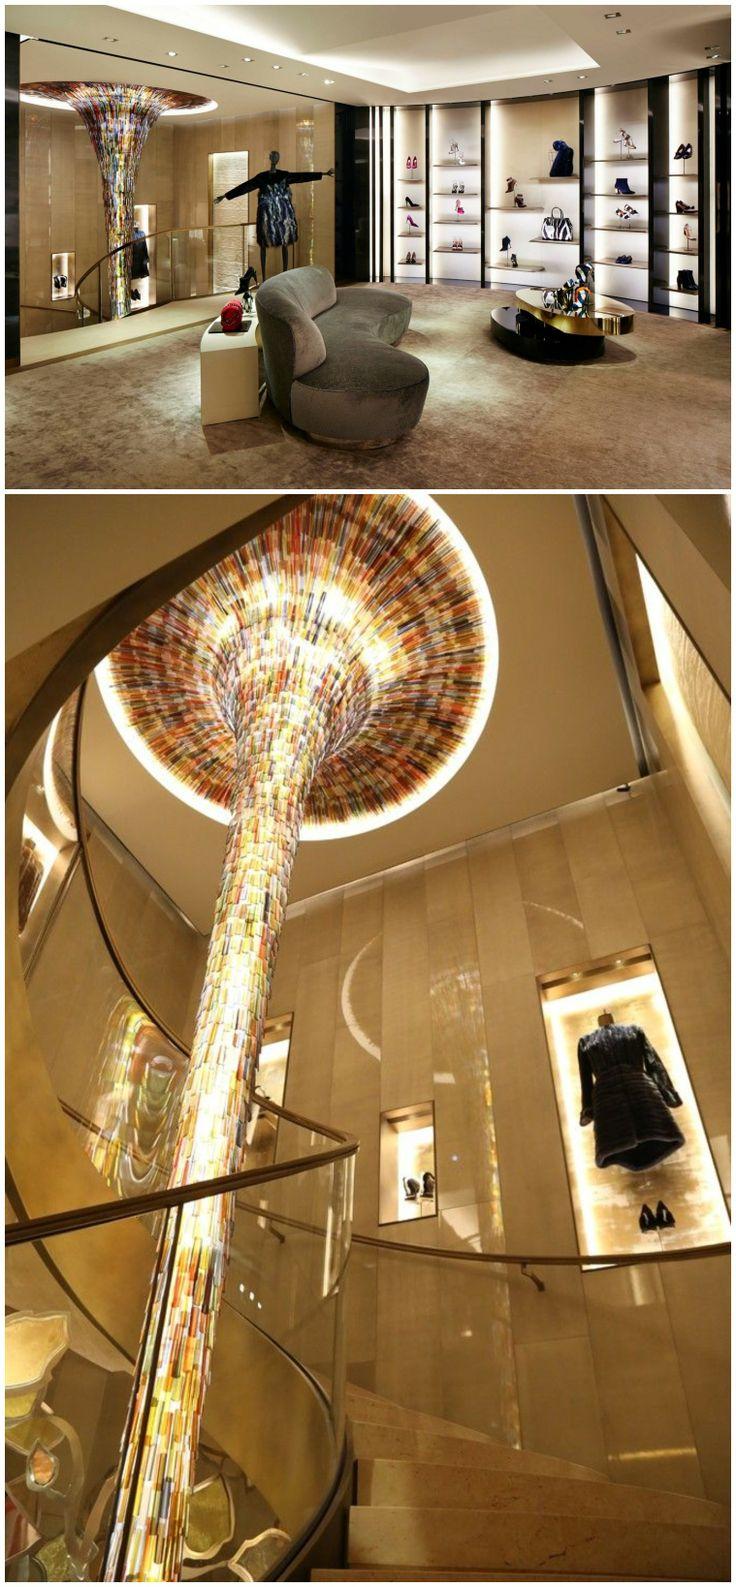 Fendi Flagship Store | Interior Retail Store Design in Paris, France